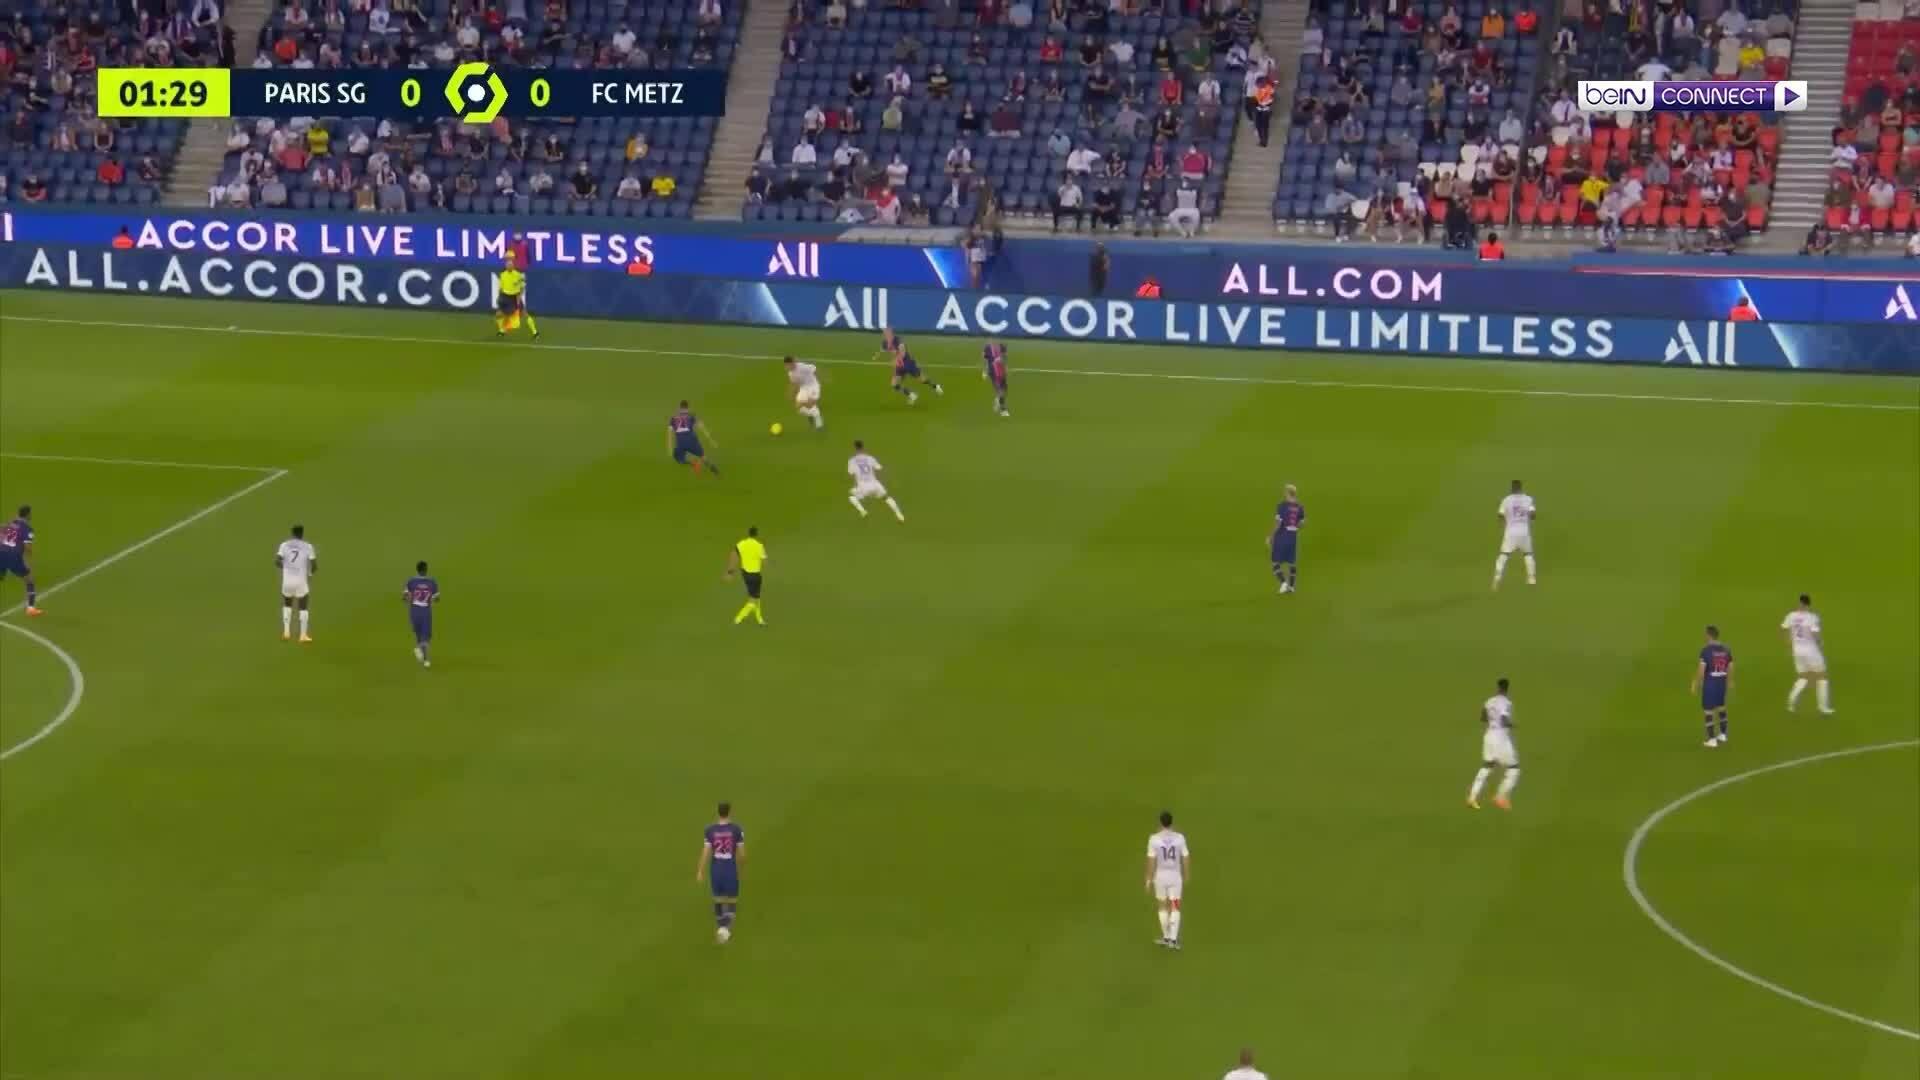 PSG 1-0 Metz